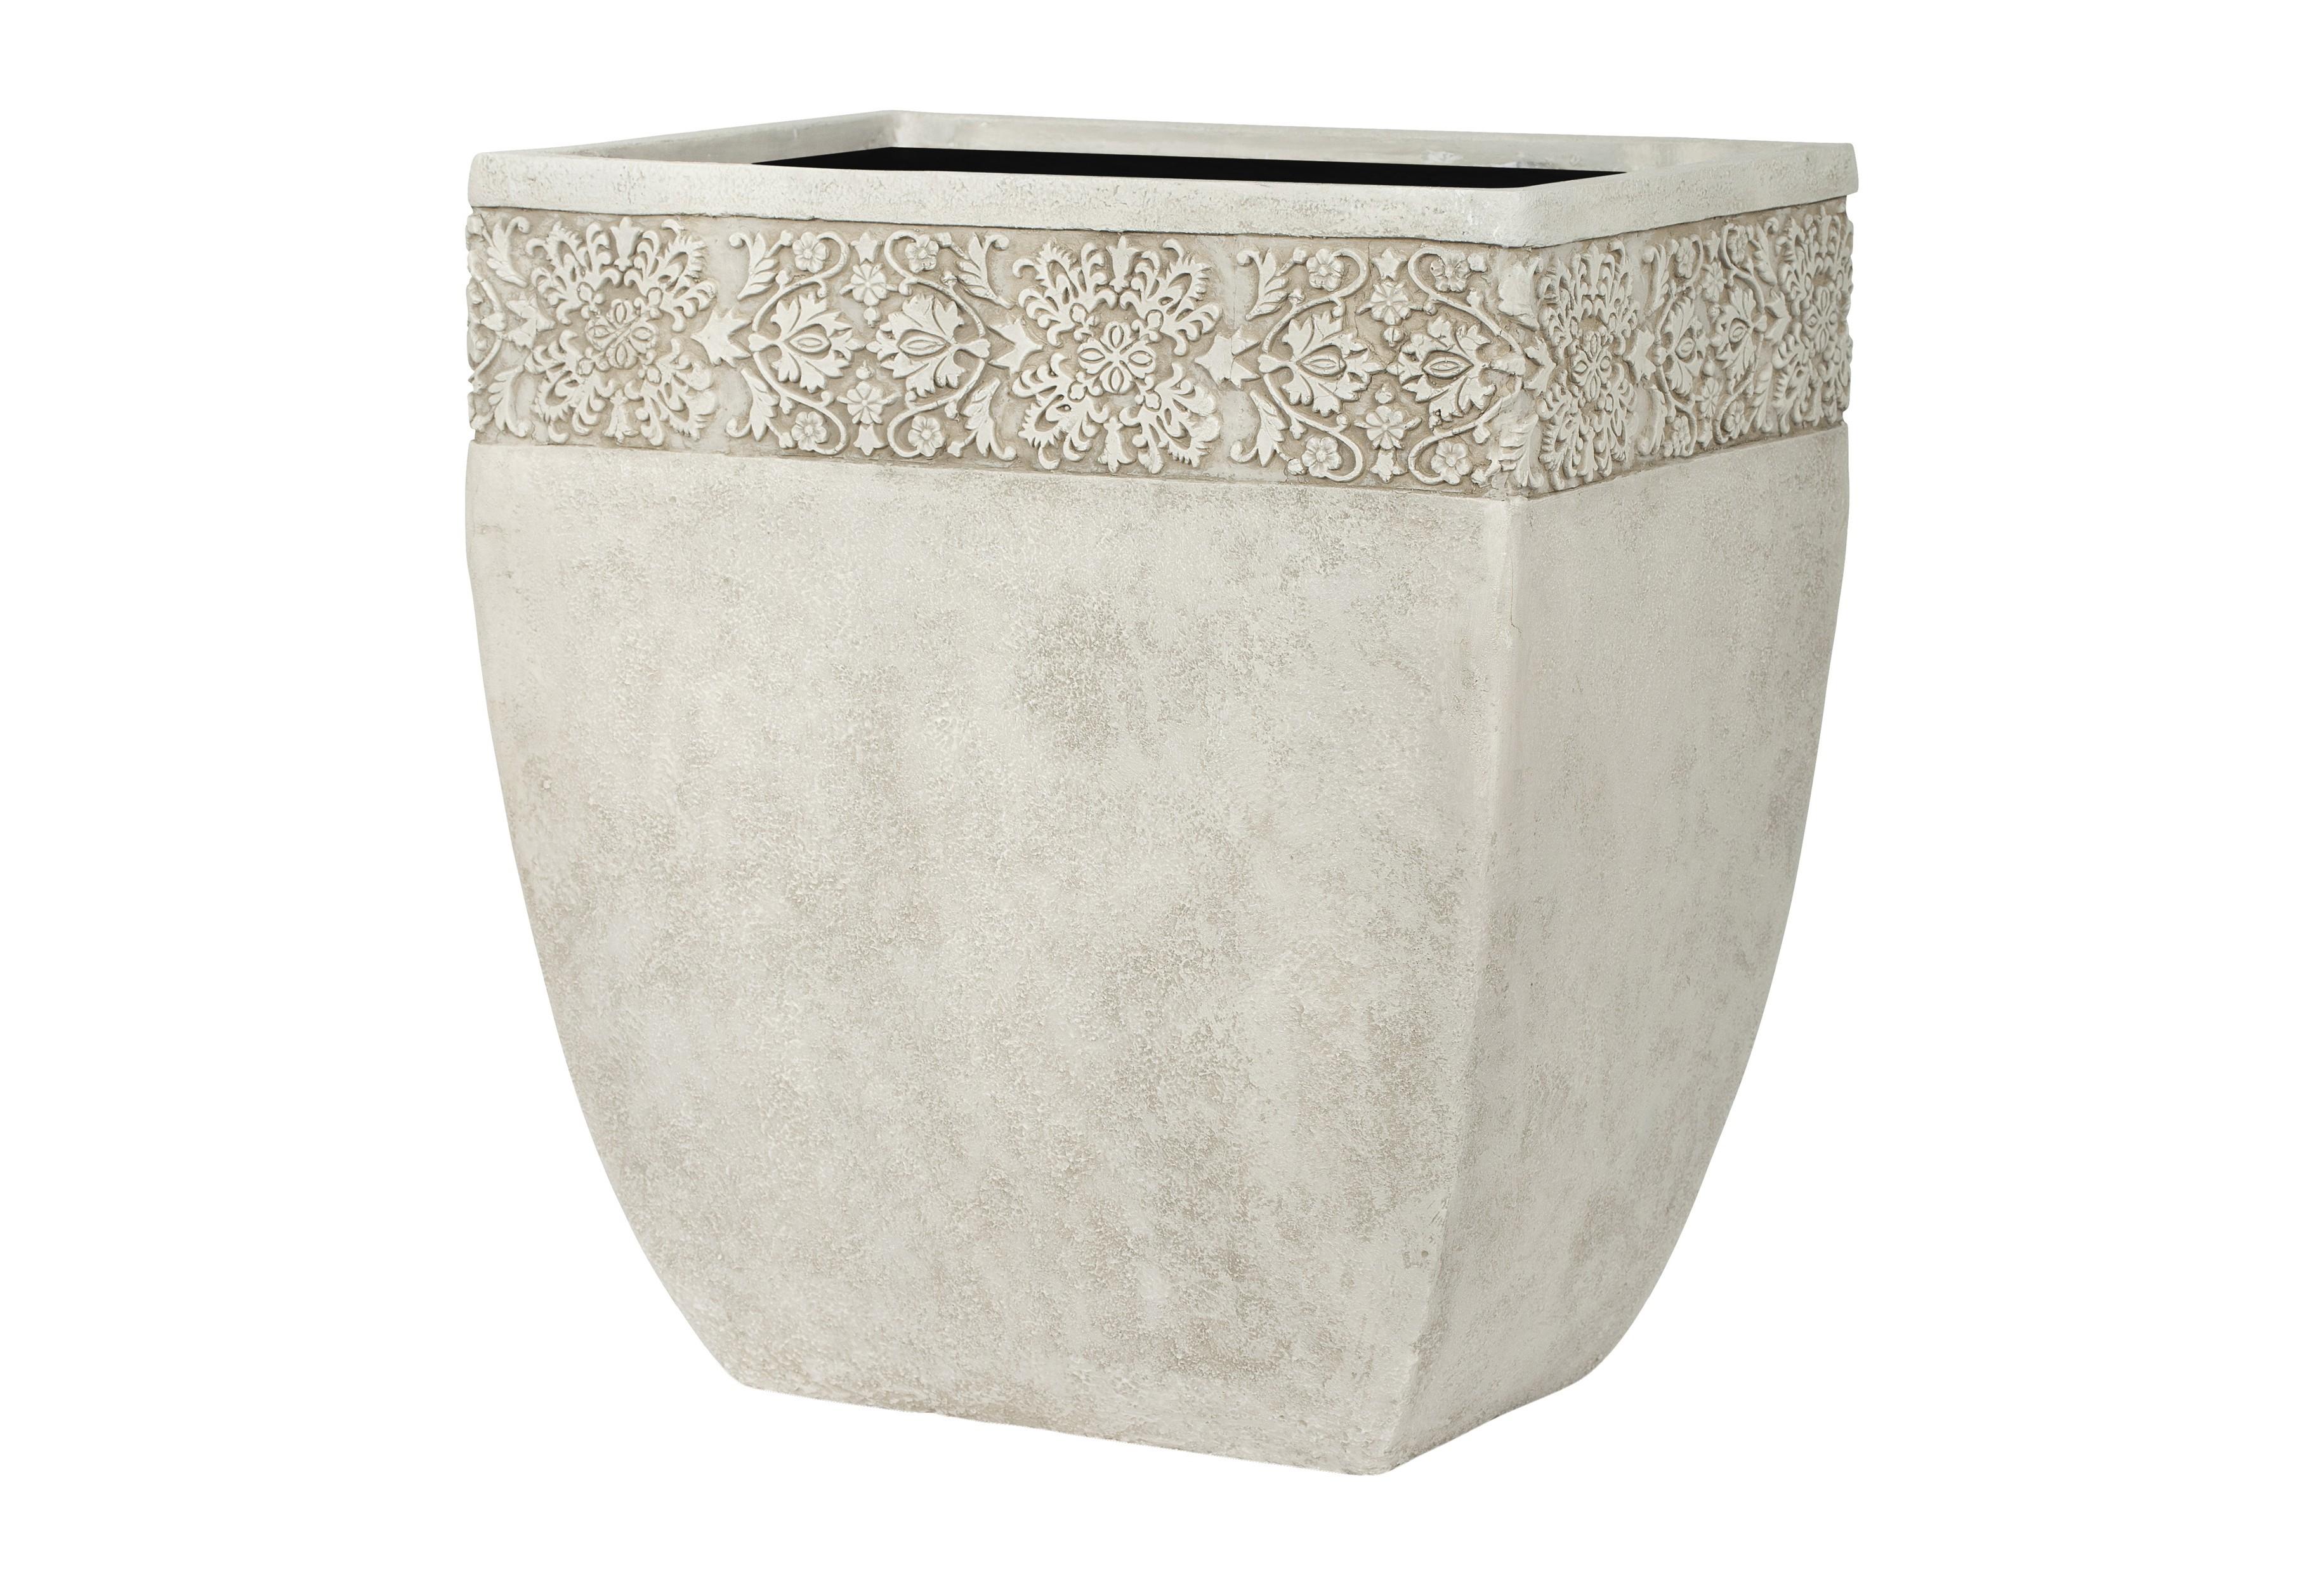 Ваза ДИЖОНКашпо и подставки для дачи и сада<br>CAPI CLASSIC – это вазы в классическом французском стиле.  Вазы отличаются  декоративной каймой с изысканным цветочным узором.  <br>Коллекцию дополняют пьедесталы, с которыми вазы прекрасно согласуются и величественно выглядят рядом с входной дверью или на классической террасе.  Комплекты из ваз не только позволяют создать  красивую композицию, но и значительно облегчают уход за растениями. С их помощью легко расставить акценты на тропинках, входе в дом или на террасе.<br>Вазы CAPI EUROPE не боятся перепадов температуры и влажности воздуха. Все вазы могут быть использованы в доме и на улице круглый год. На дне каждой вазы есть дренажное отверстие, что позволит уберечь  вазу в морозы.<br><br>Material: Полистоун<br>Ширина см: 31<br>Высота см: 35<br>Глубина см: 22